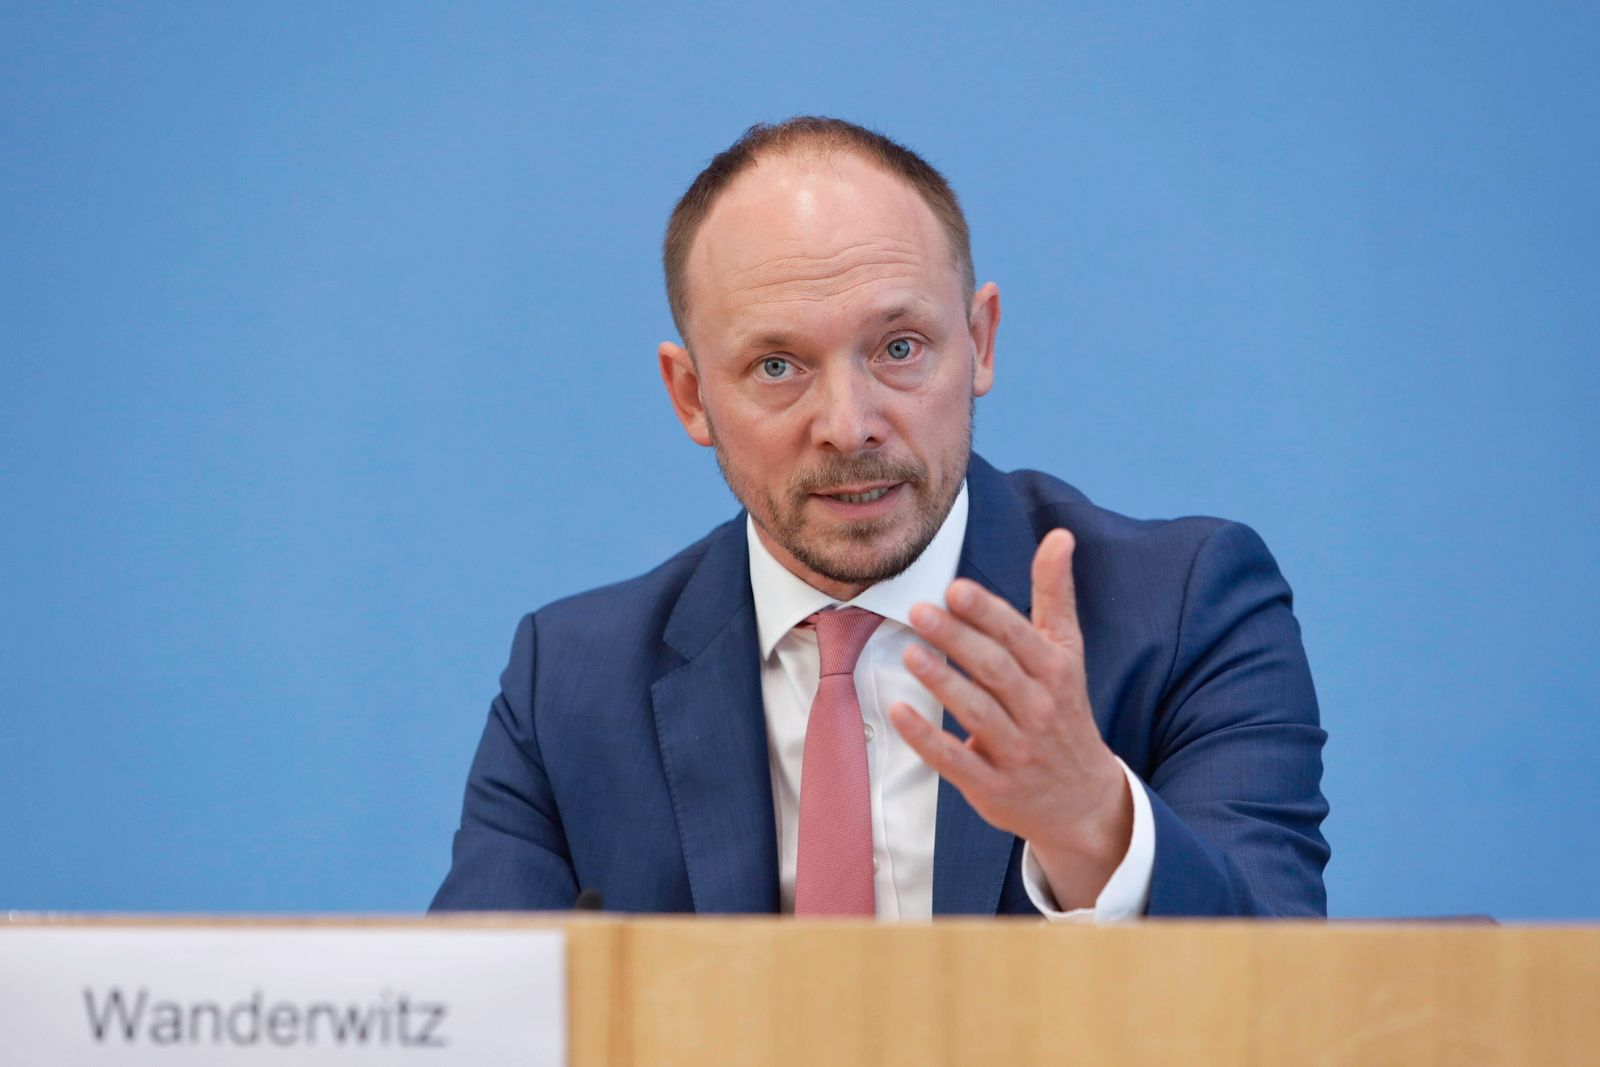 16.09.2020, Berlin, Deutschland - Pressekonferenz: Vorstellung des Jahresberichts zum Stand der deutschen Einheit. Foto